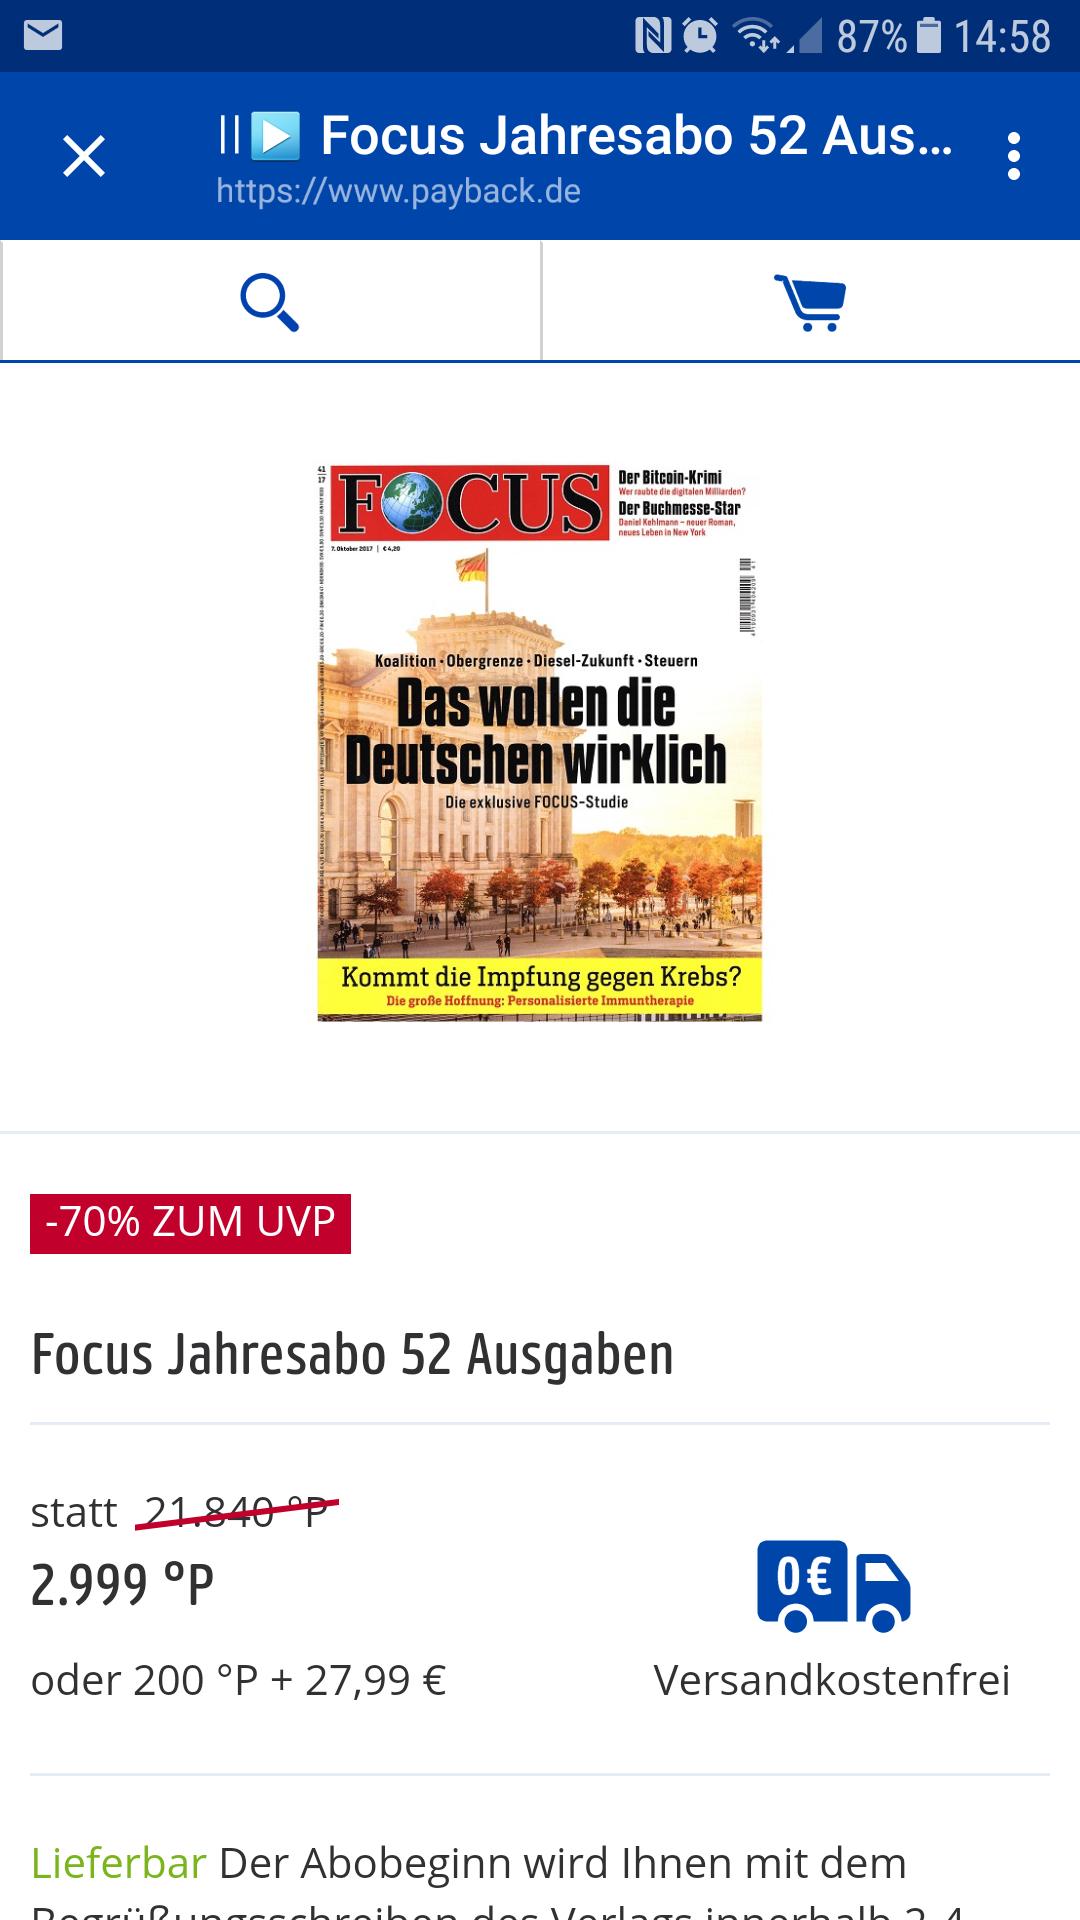 Focus Jahresabo - 52 Ausgaben - bei Payback für umgerechnet nur 29,99€